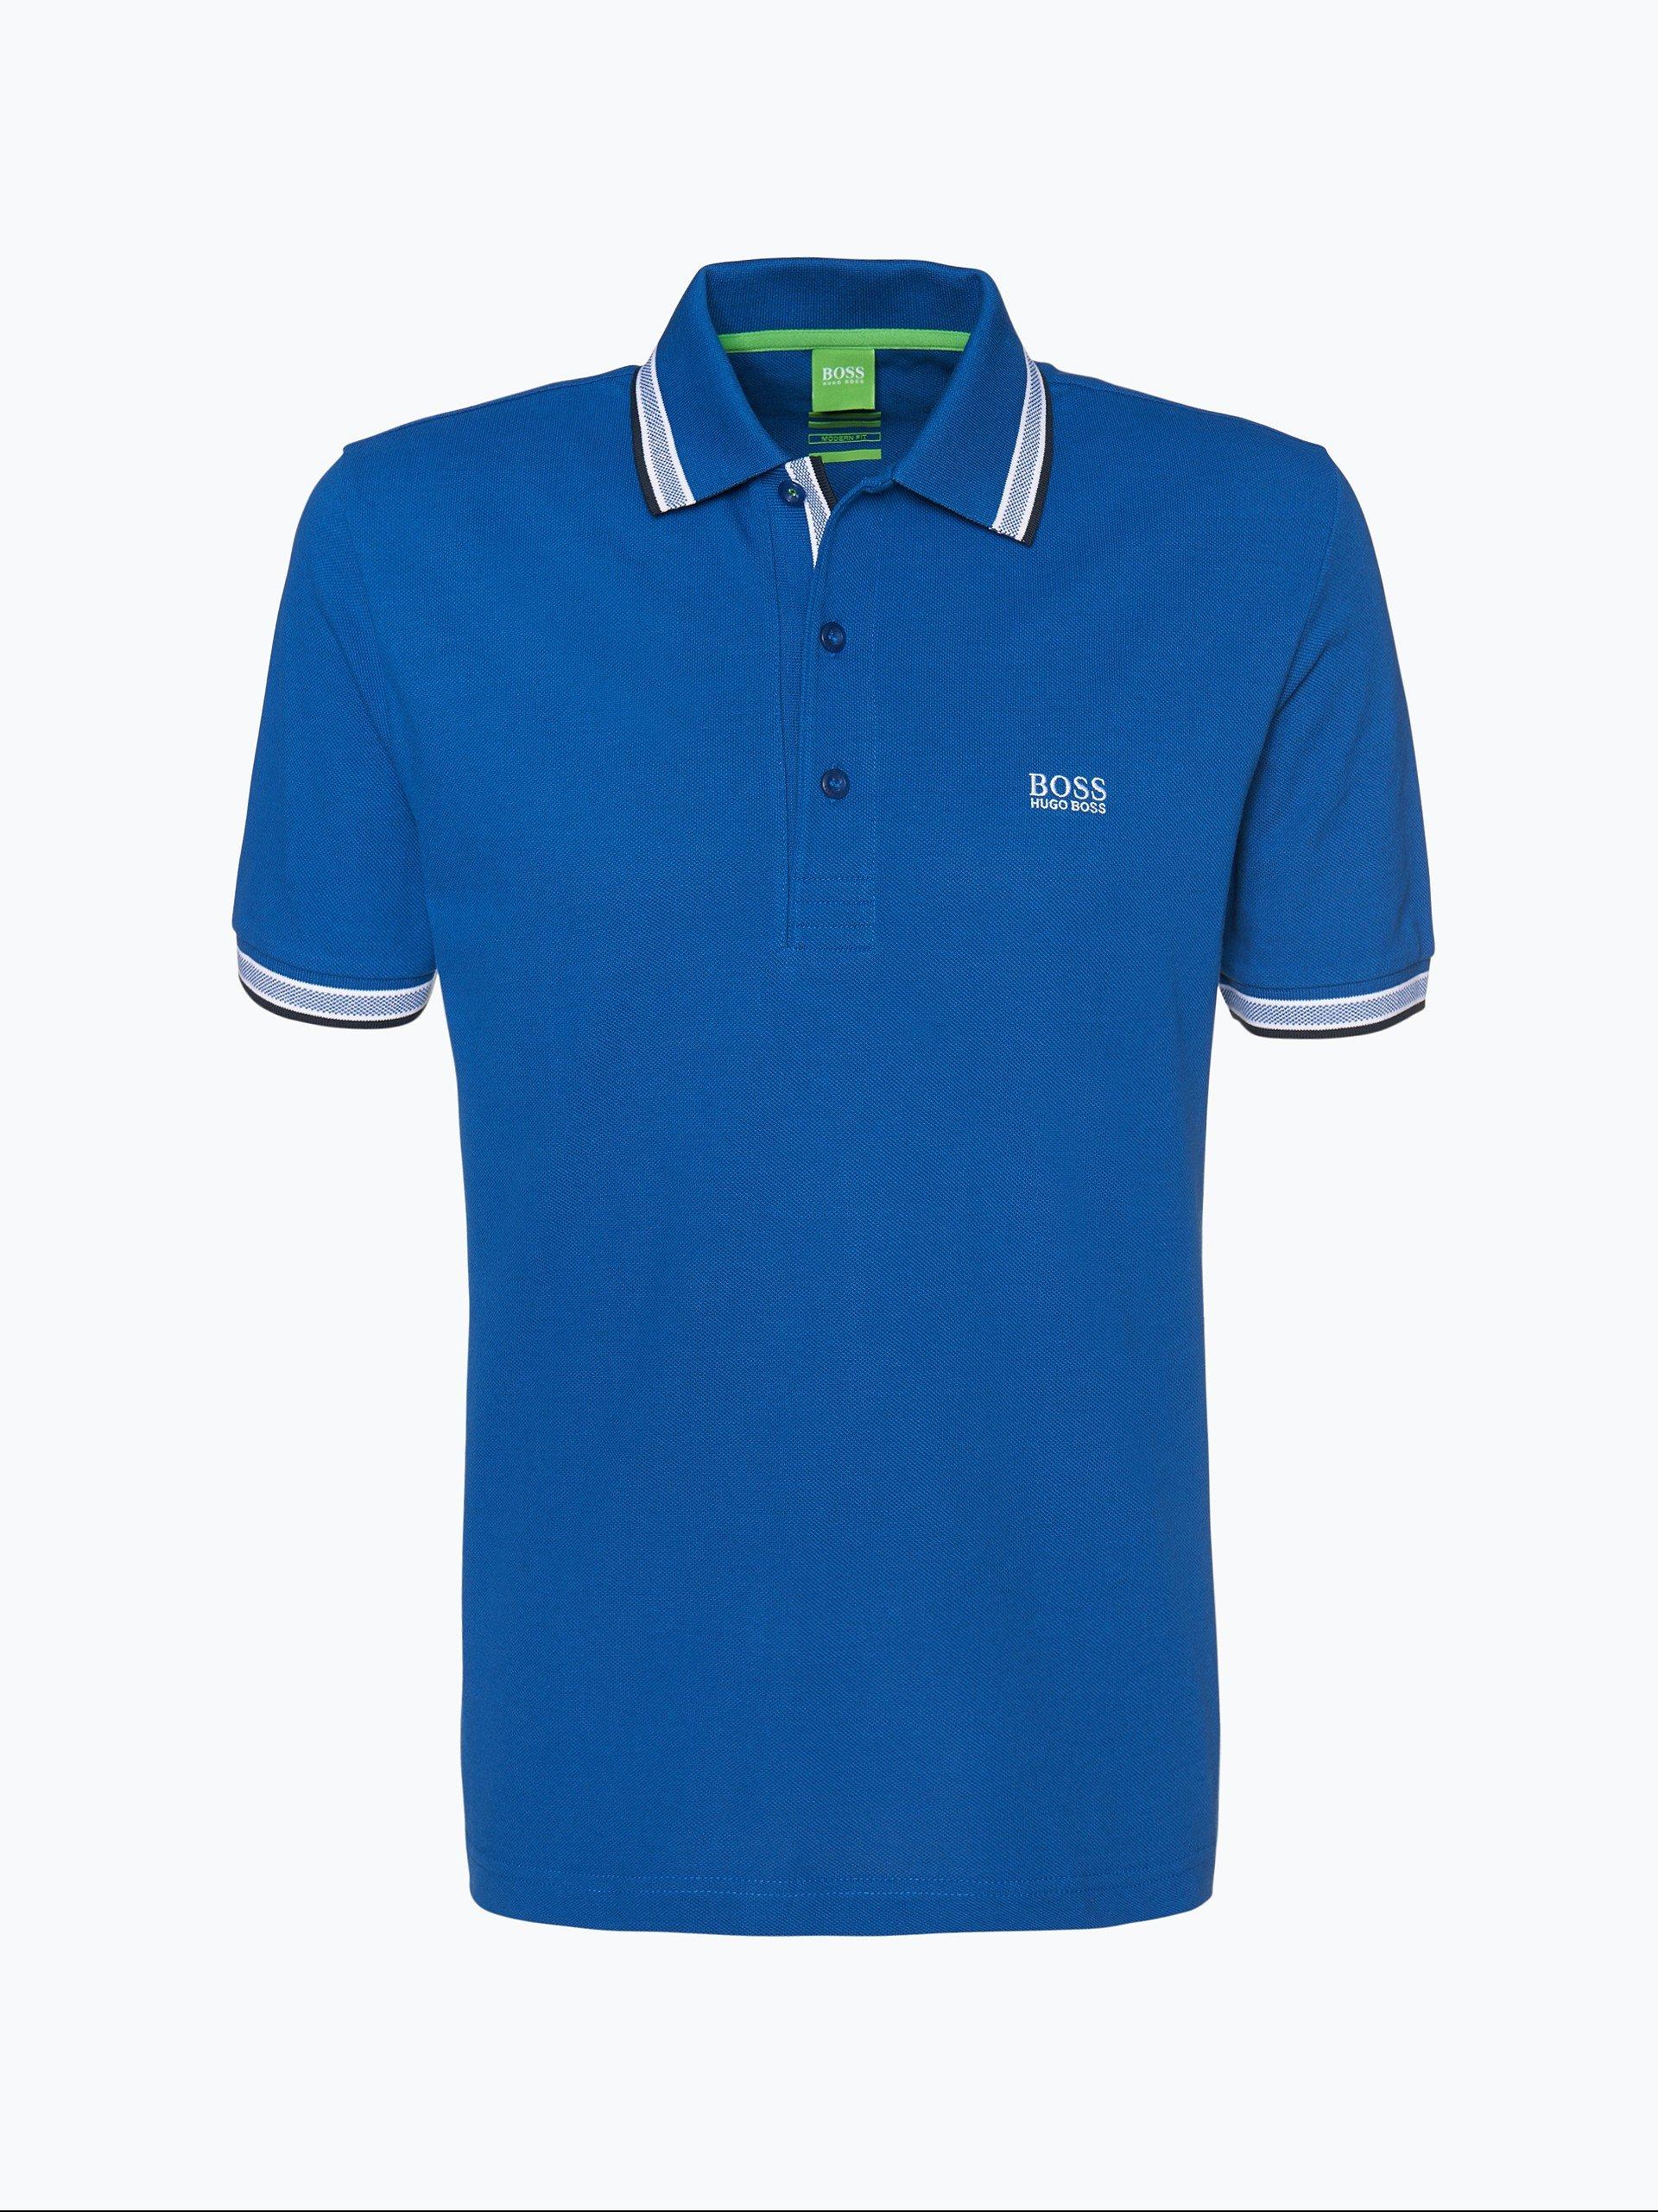 BOSS Green Herren Poloshirt - Paddy